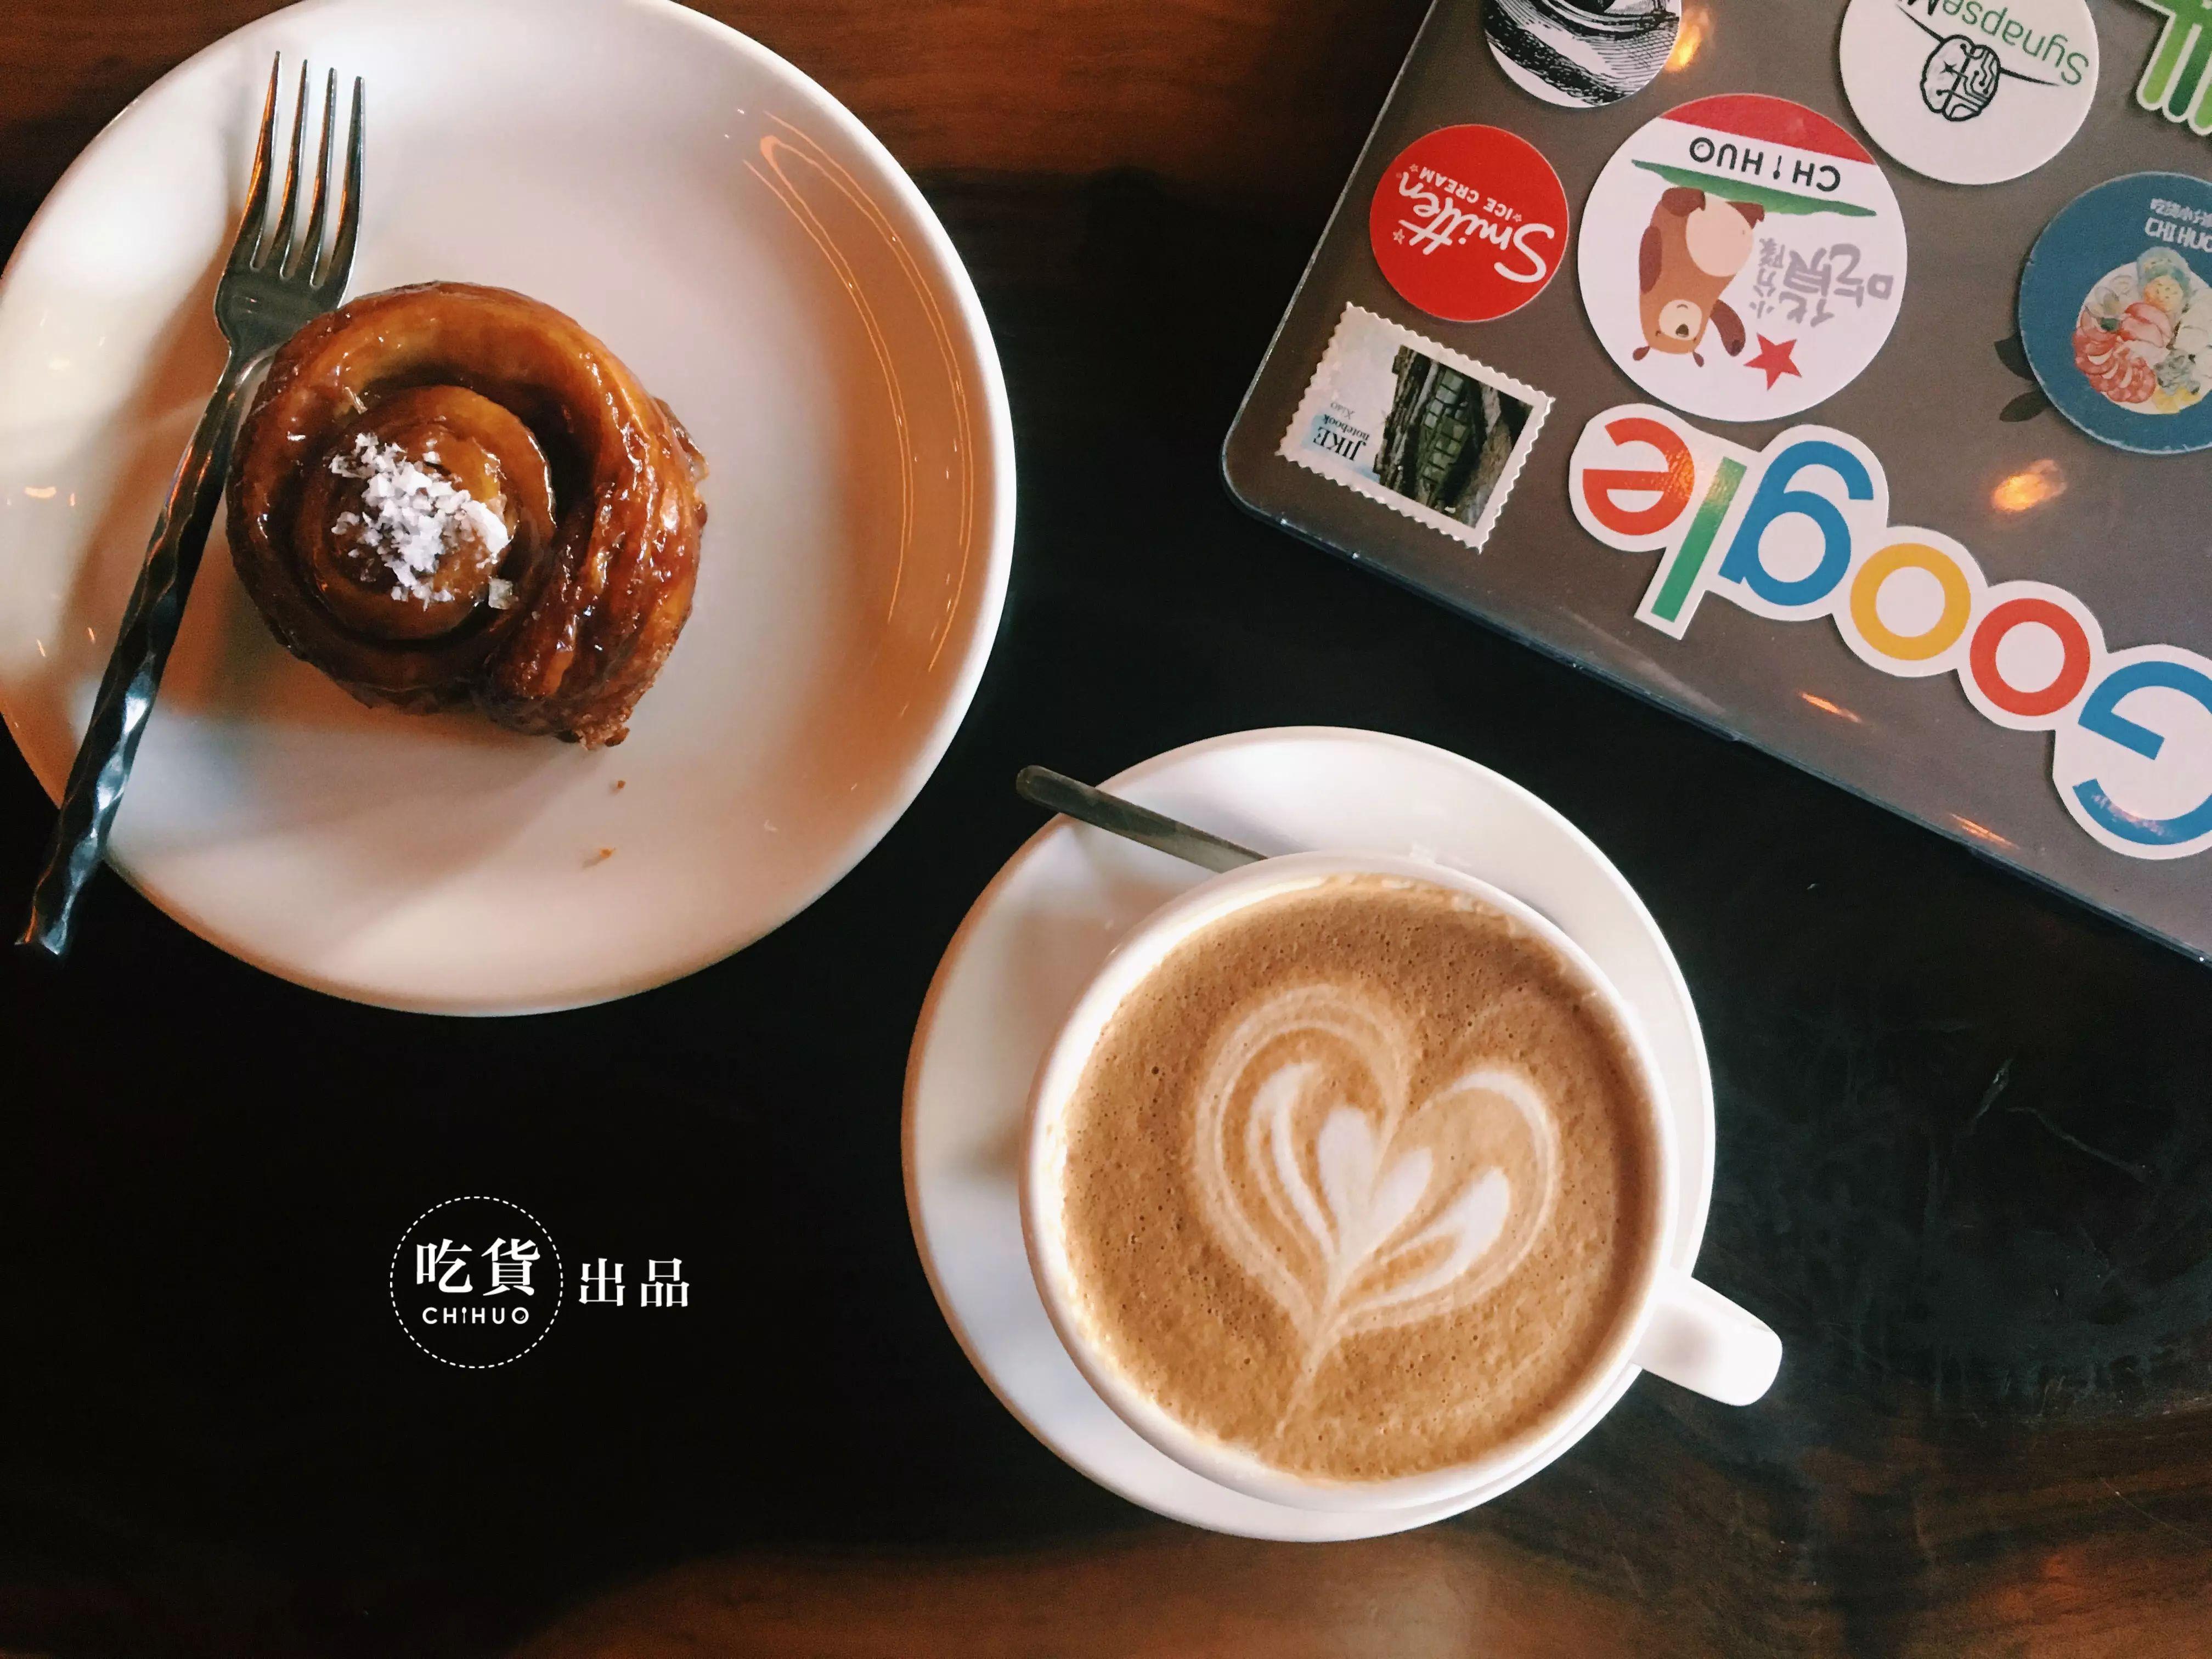 既然是星巴克的发源地,那就来一次西雅图24小时咖啡店之旅